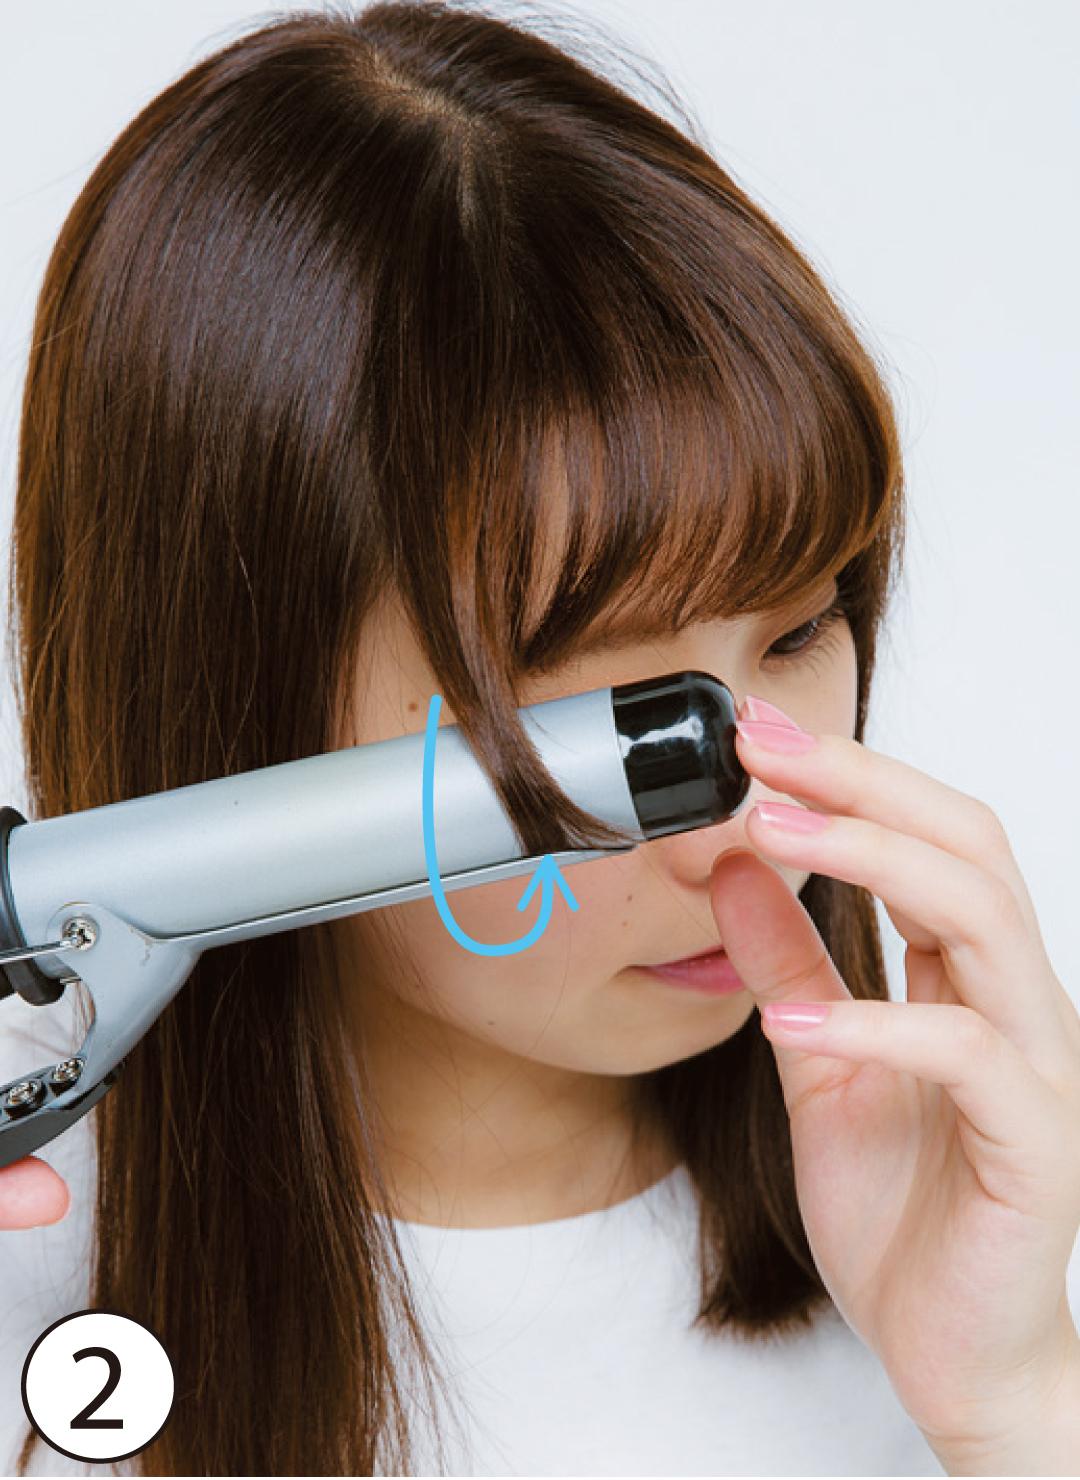 ②はらり触角をよりしっかりと巻く 基本のスタイリング③の際、はらり触角をヘアアイロンでしっかり内側に巻き込んで、顔を包み込むようにセットする。